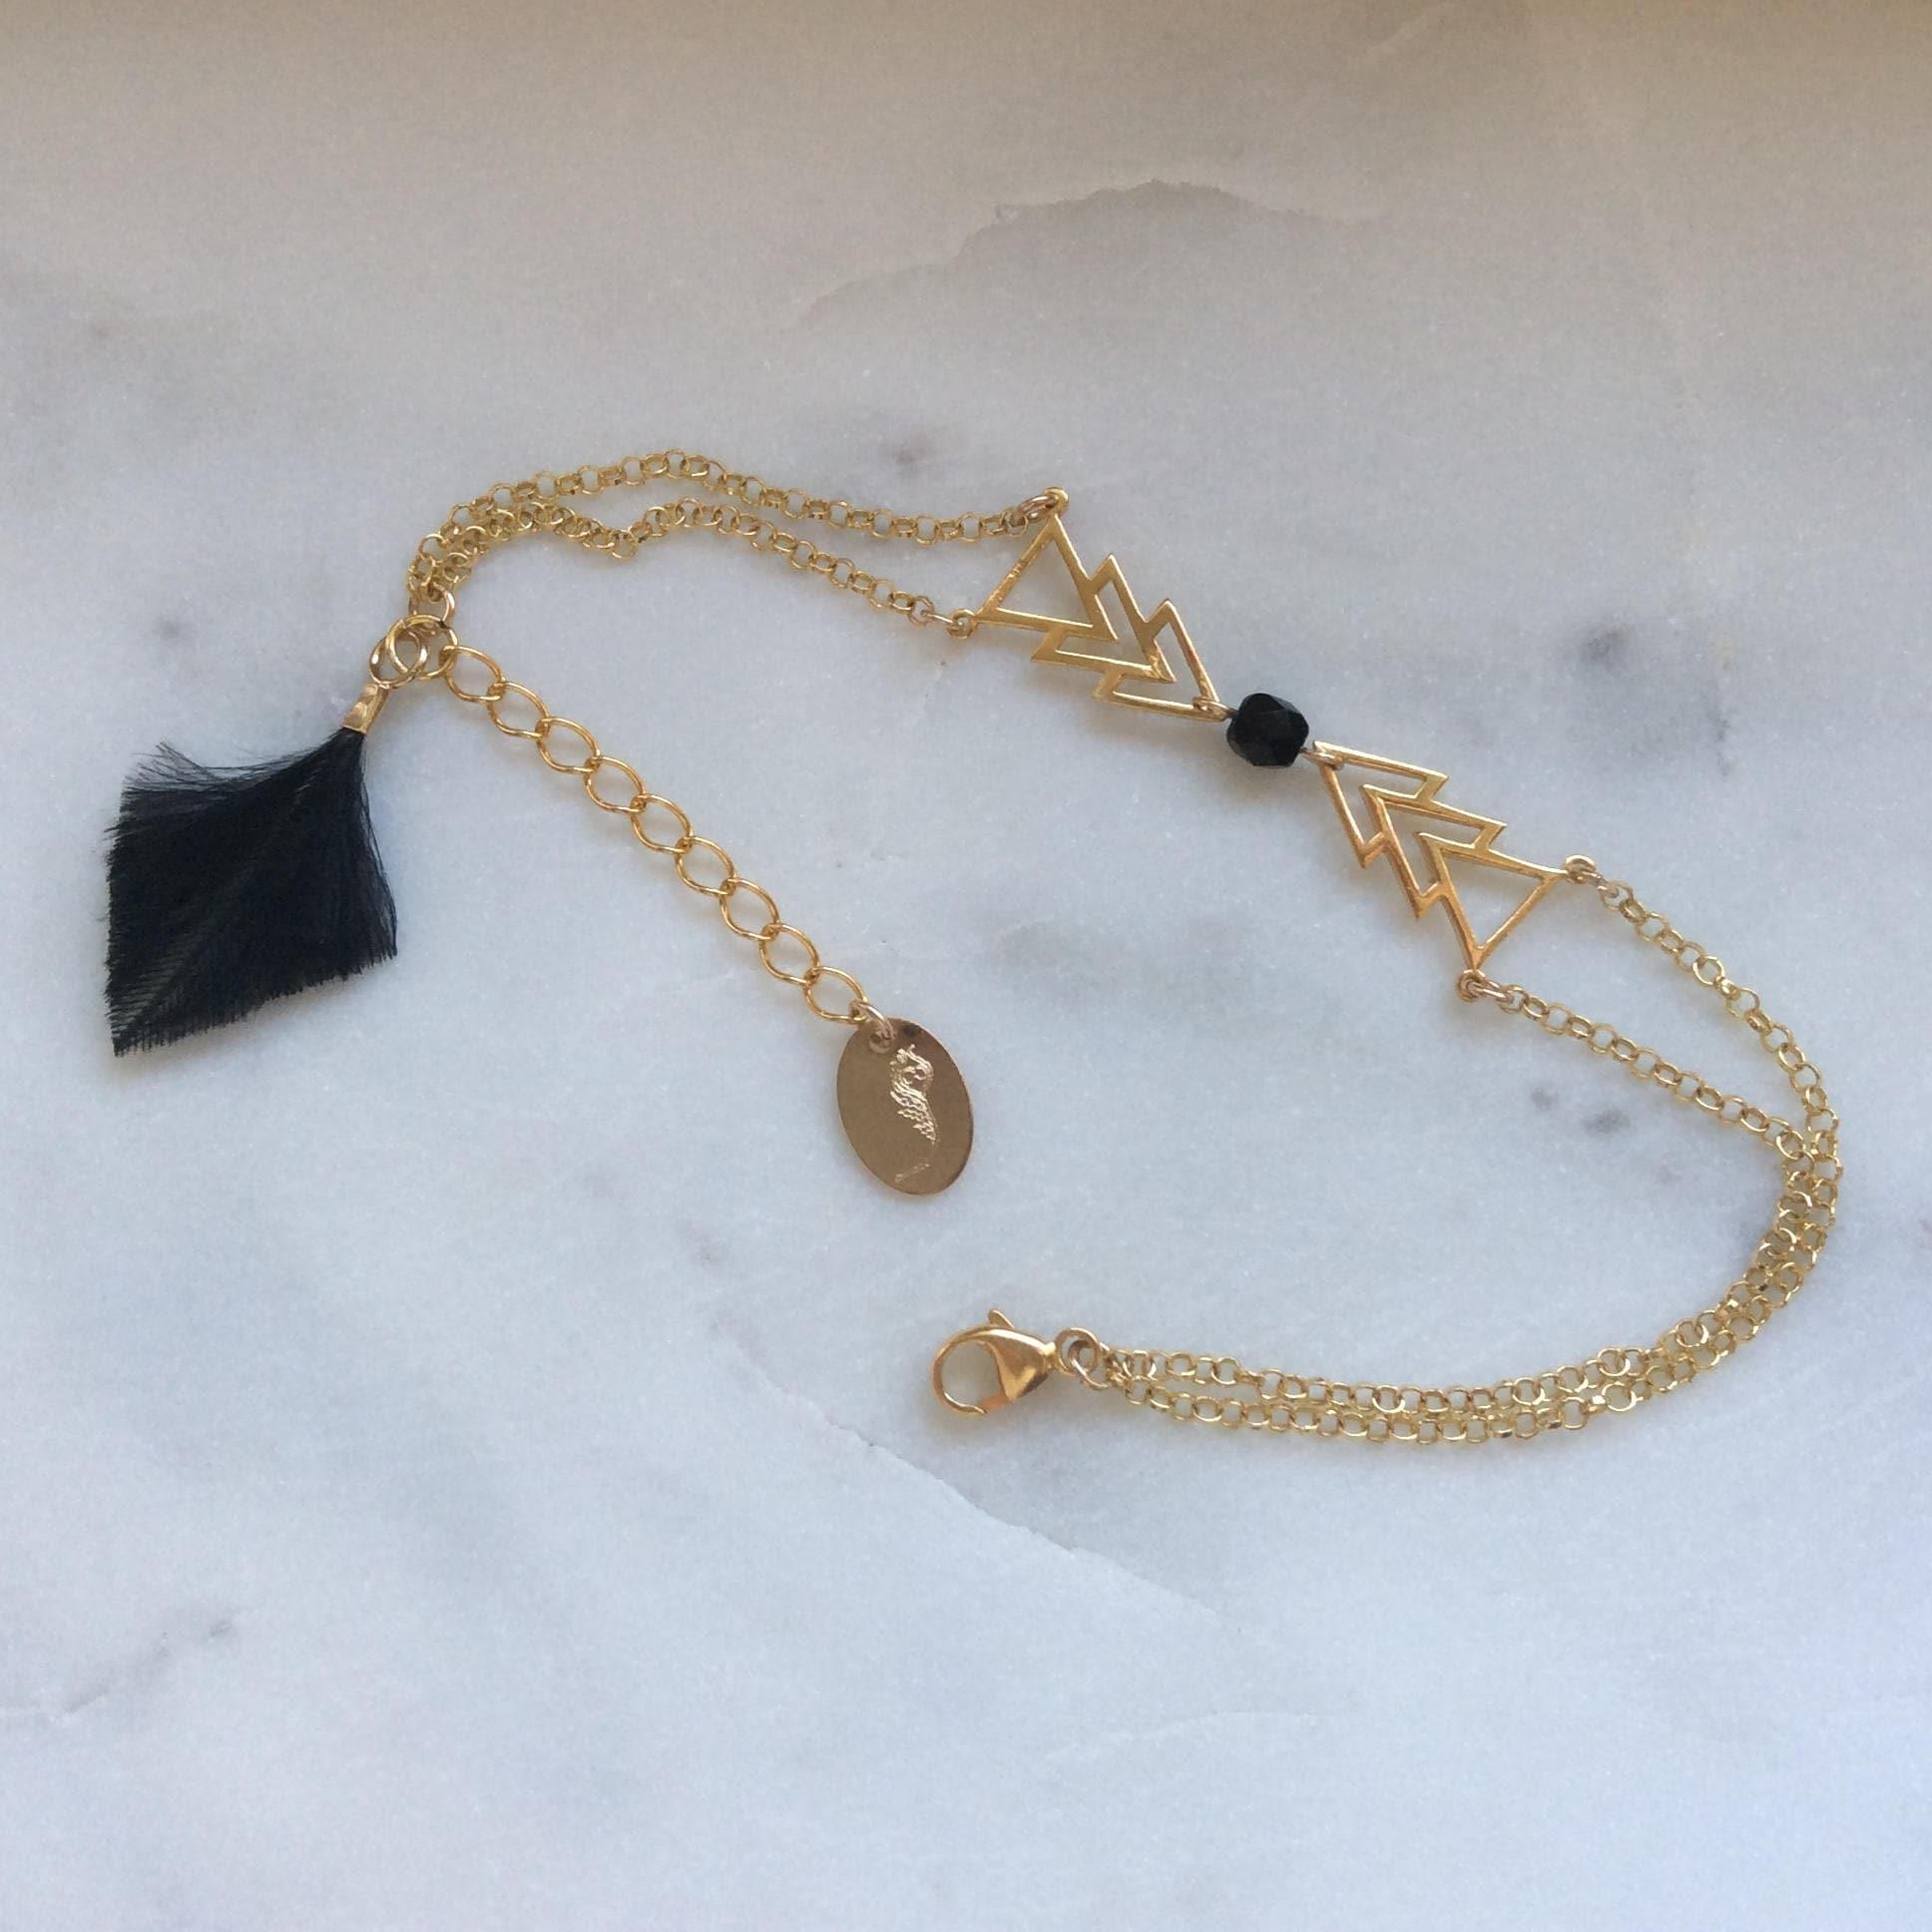 a7a9c7fe9d88b Vermeil bracelet and feather Clarisse